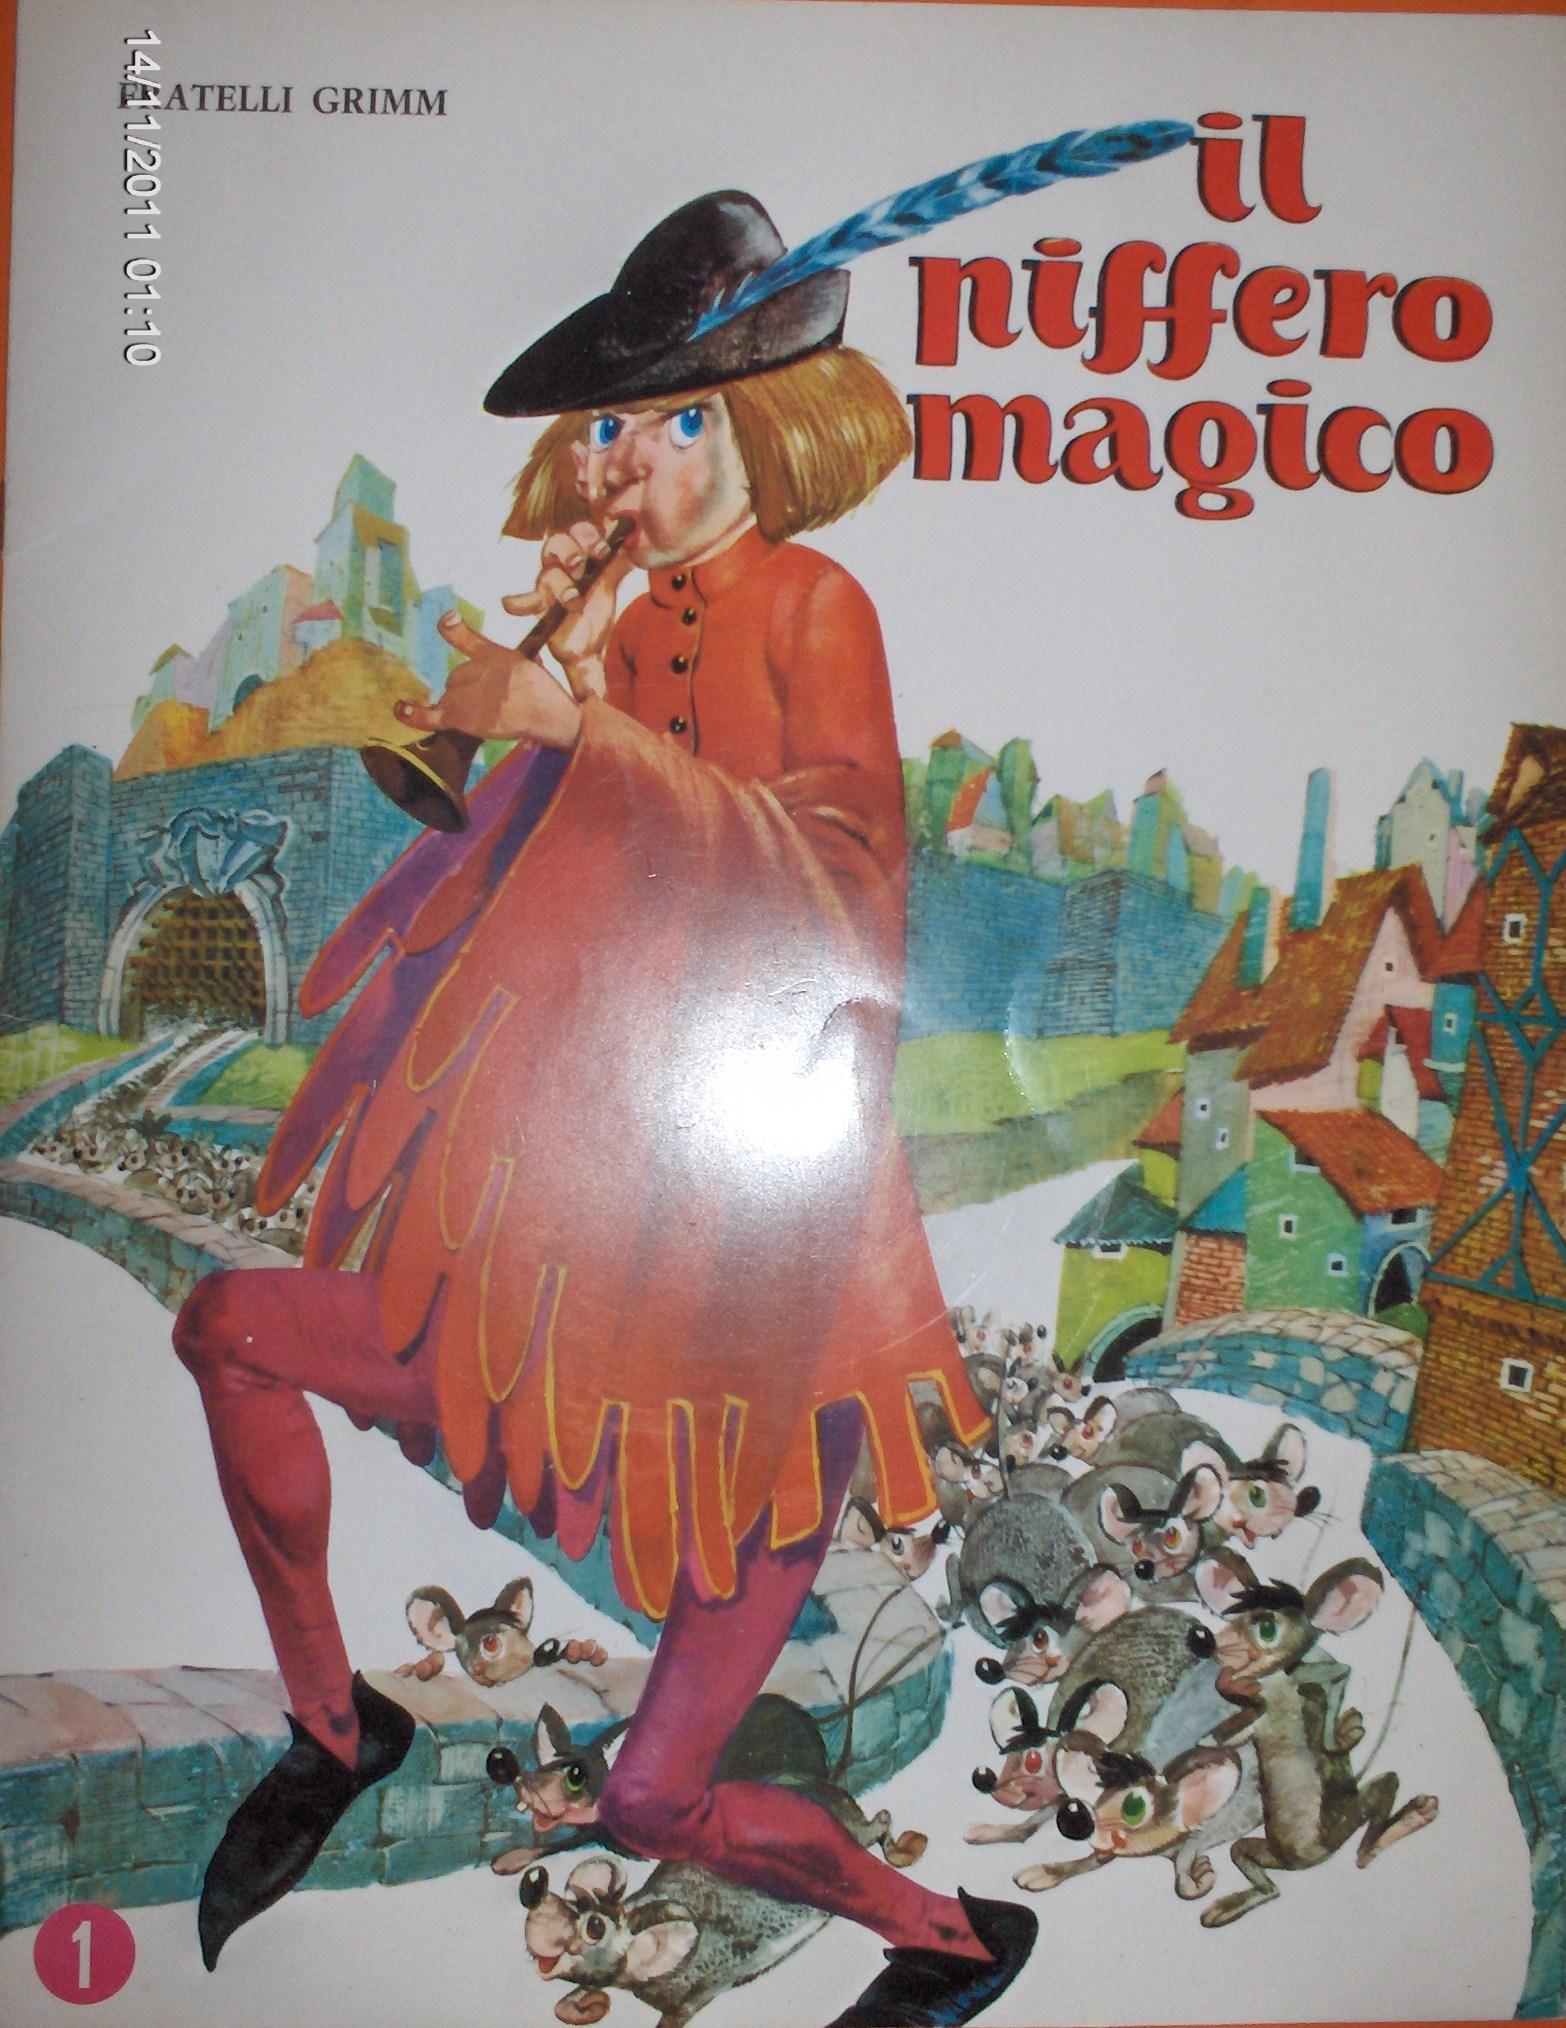 Il piffero magico